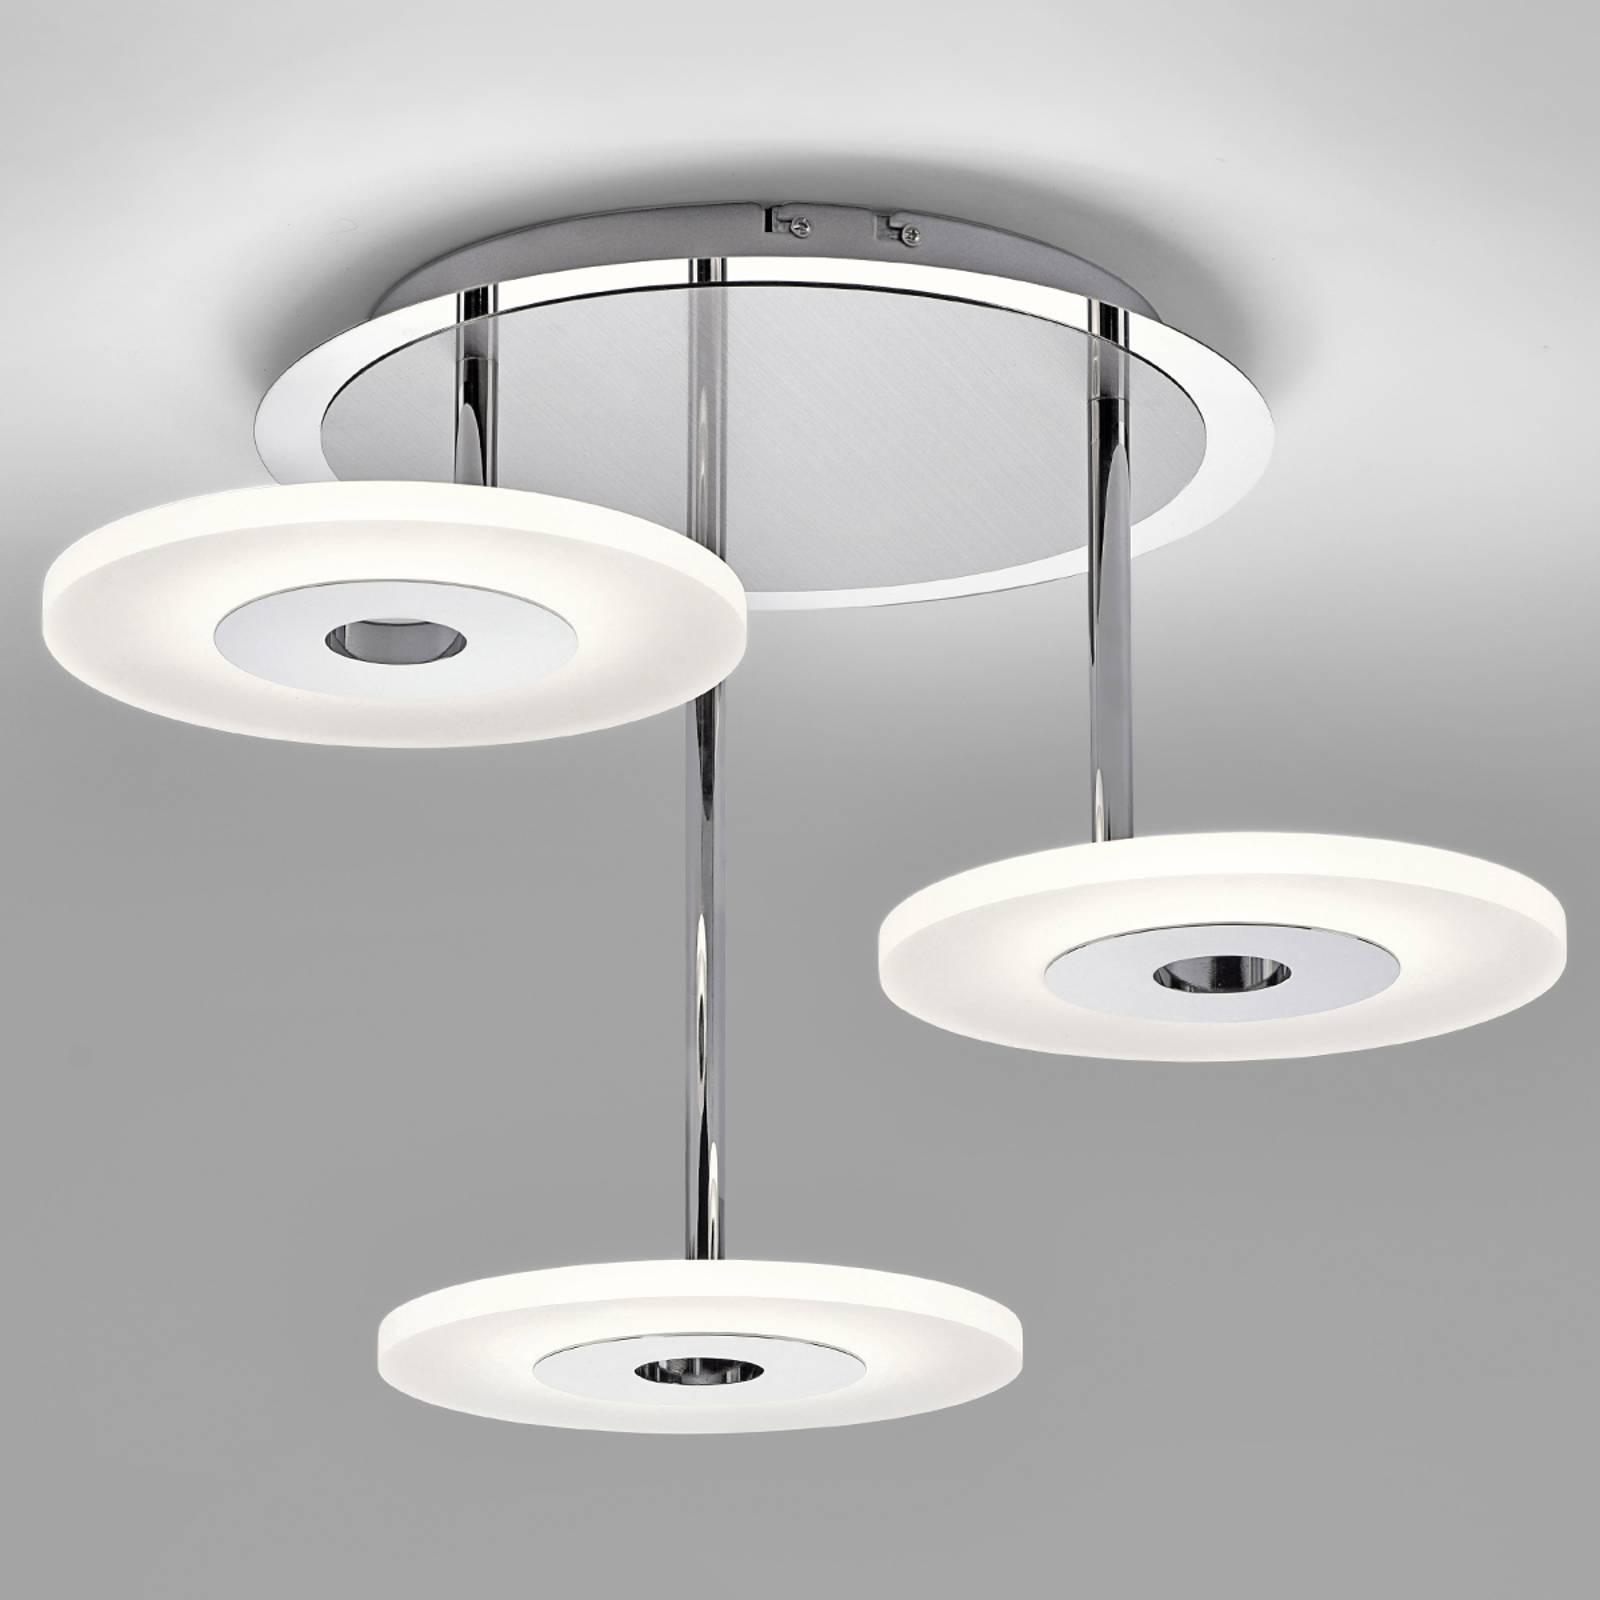 Adali LED-Deckenleuchte, dimmbar per Lichtschalter